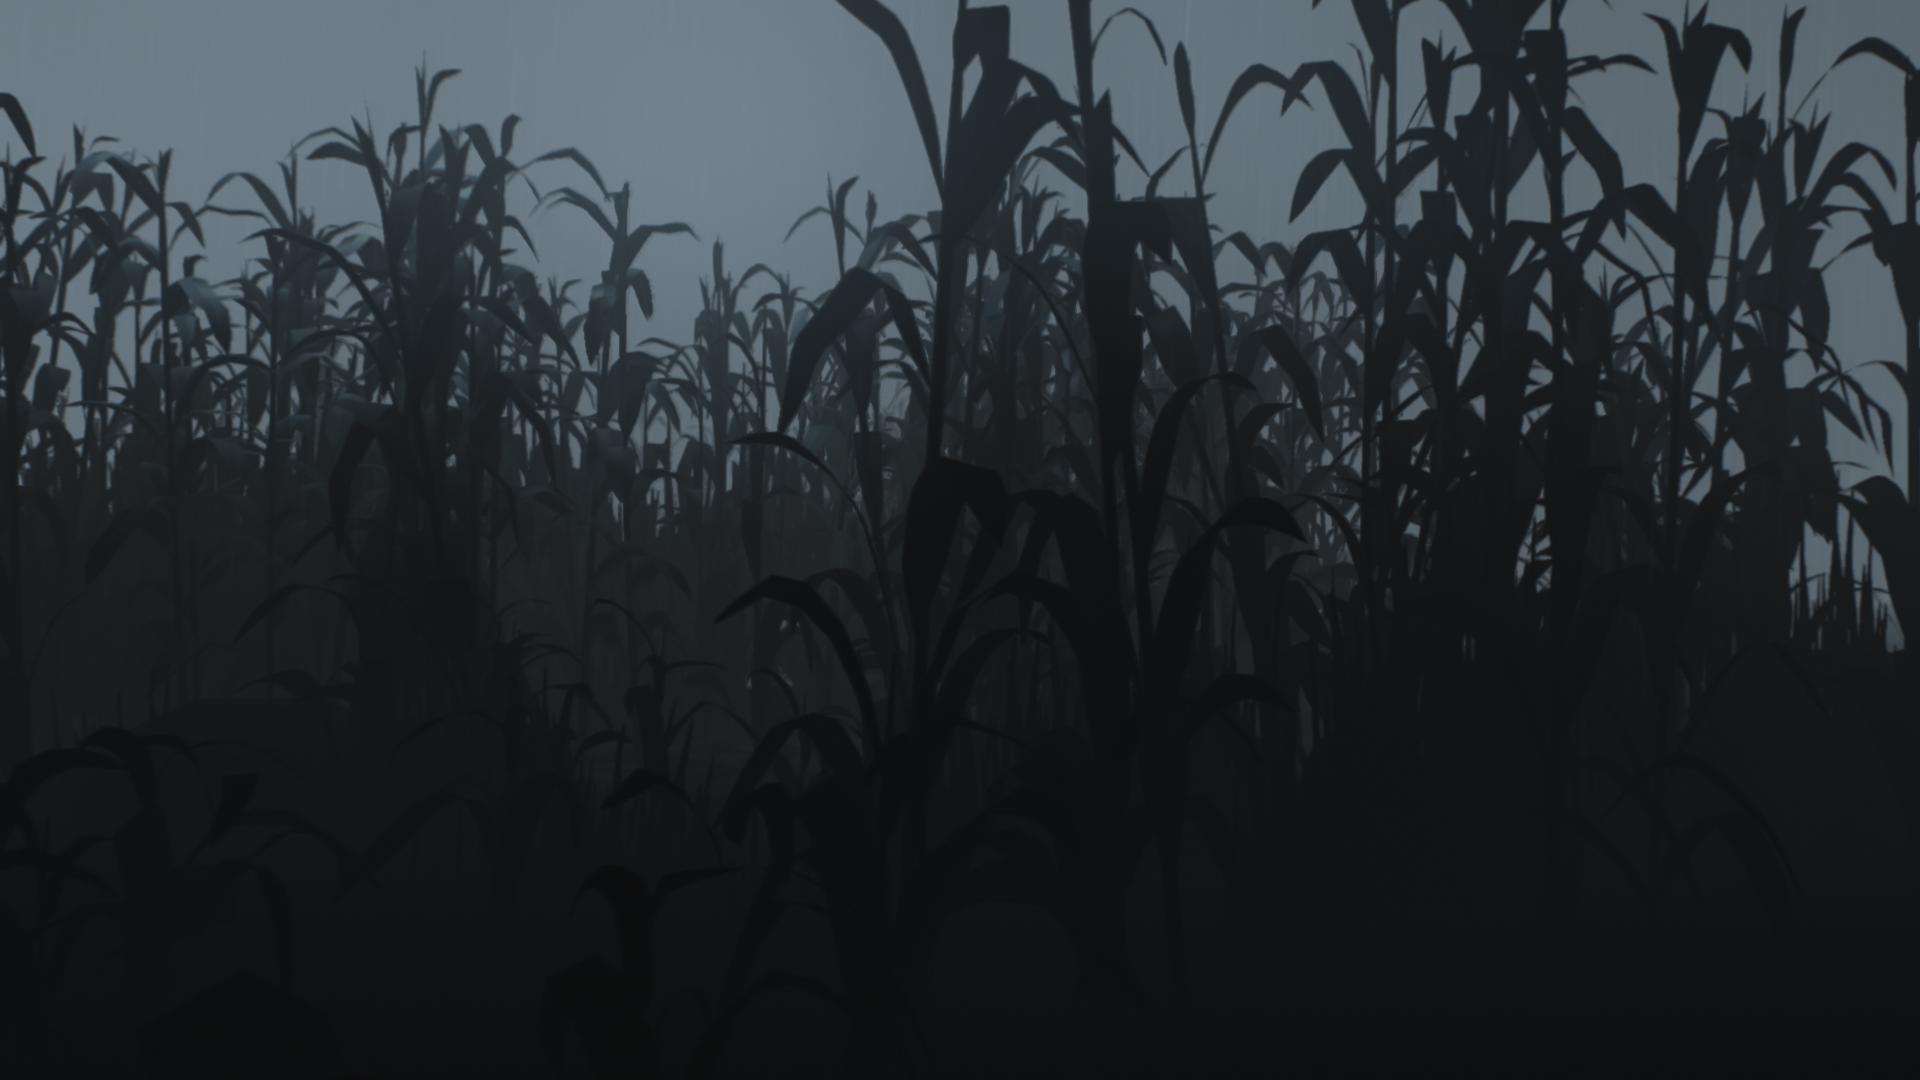 森を抜け農場へ。少年は死をくぐり抜けながら進んでいく